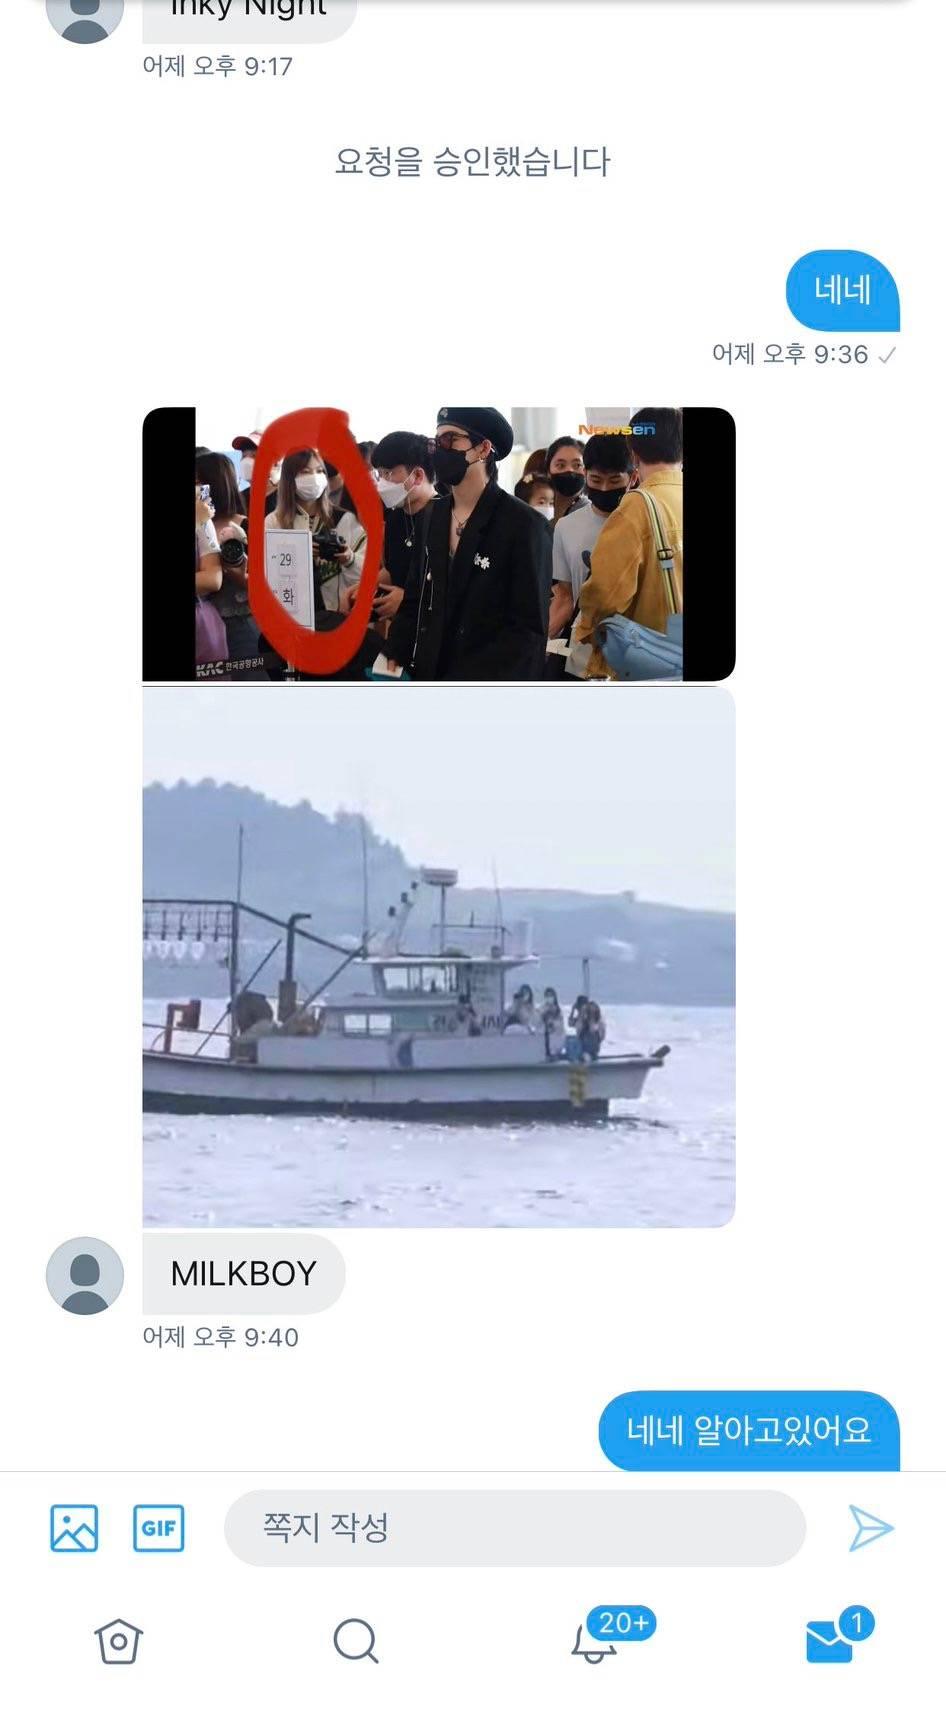 아이돌 비공개스케줄 찍을려고 배 두척 띄운 홈마들 | 인스티즈